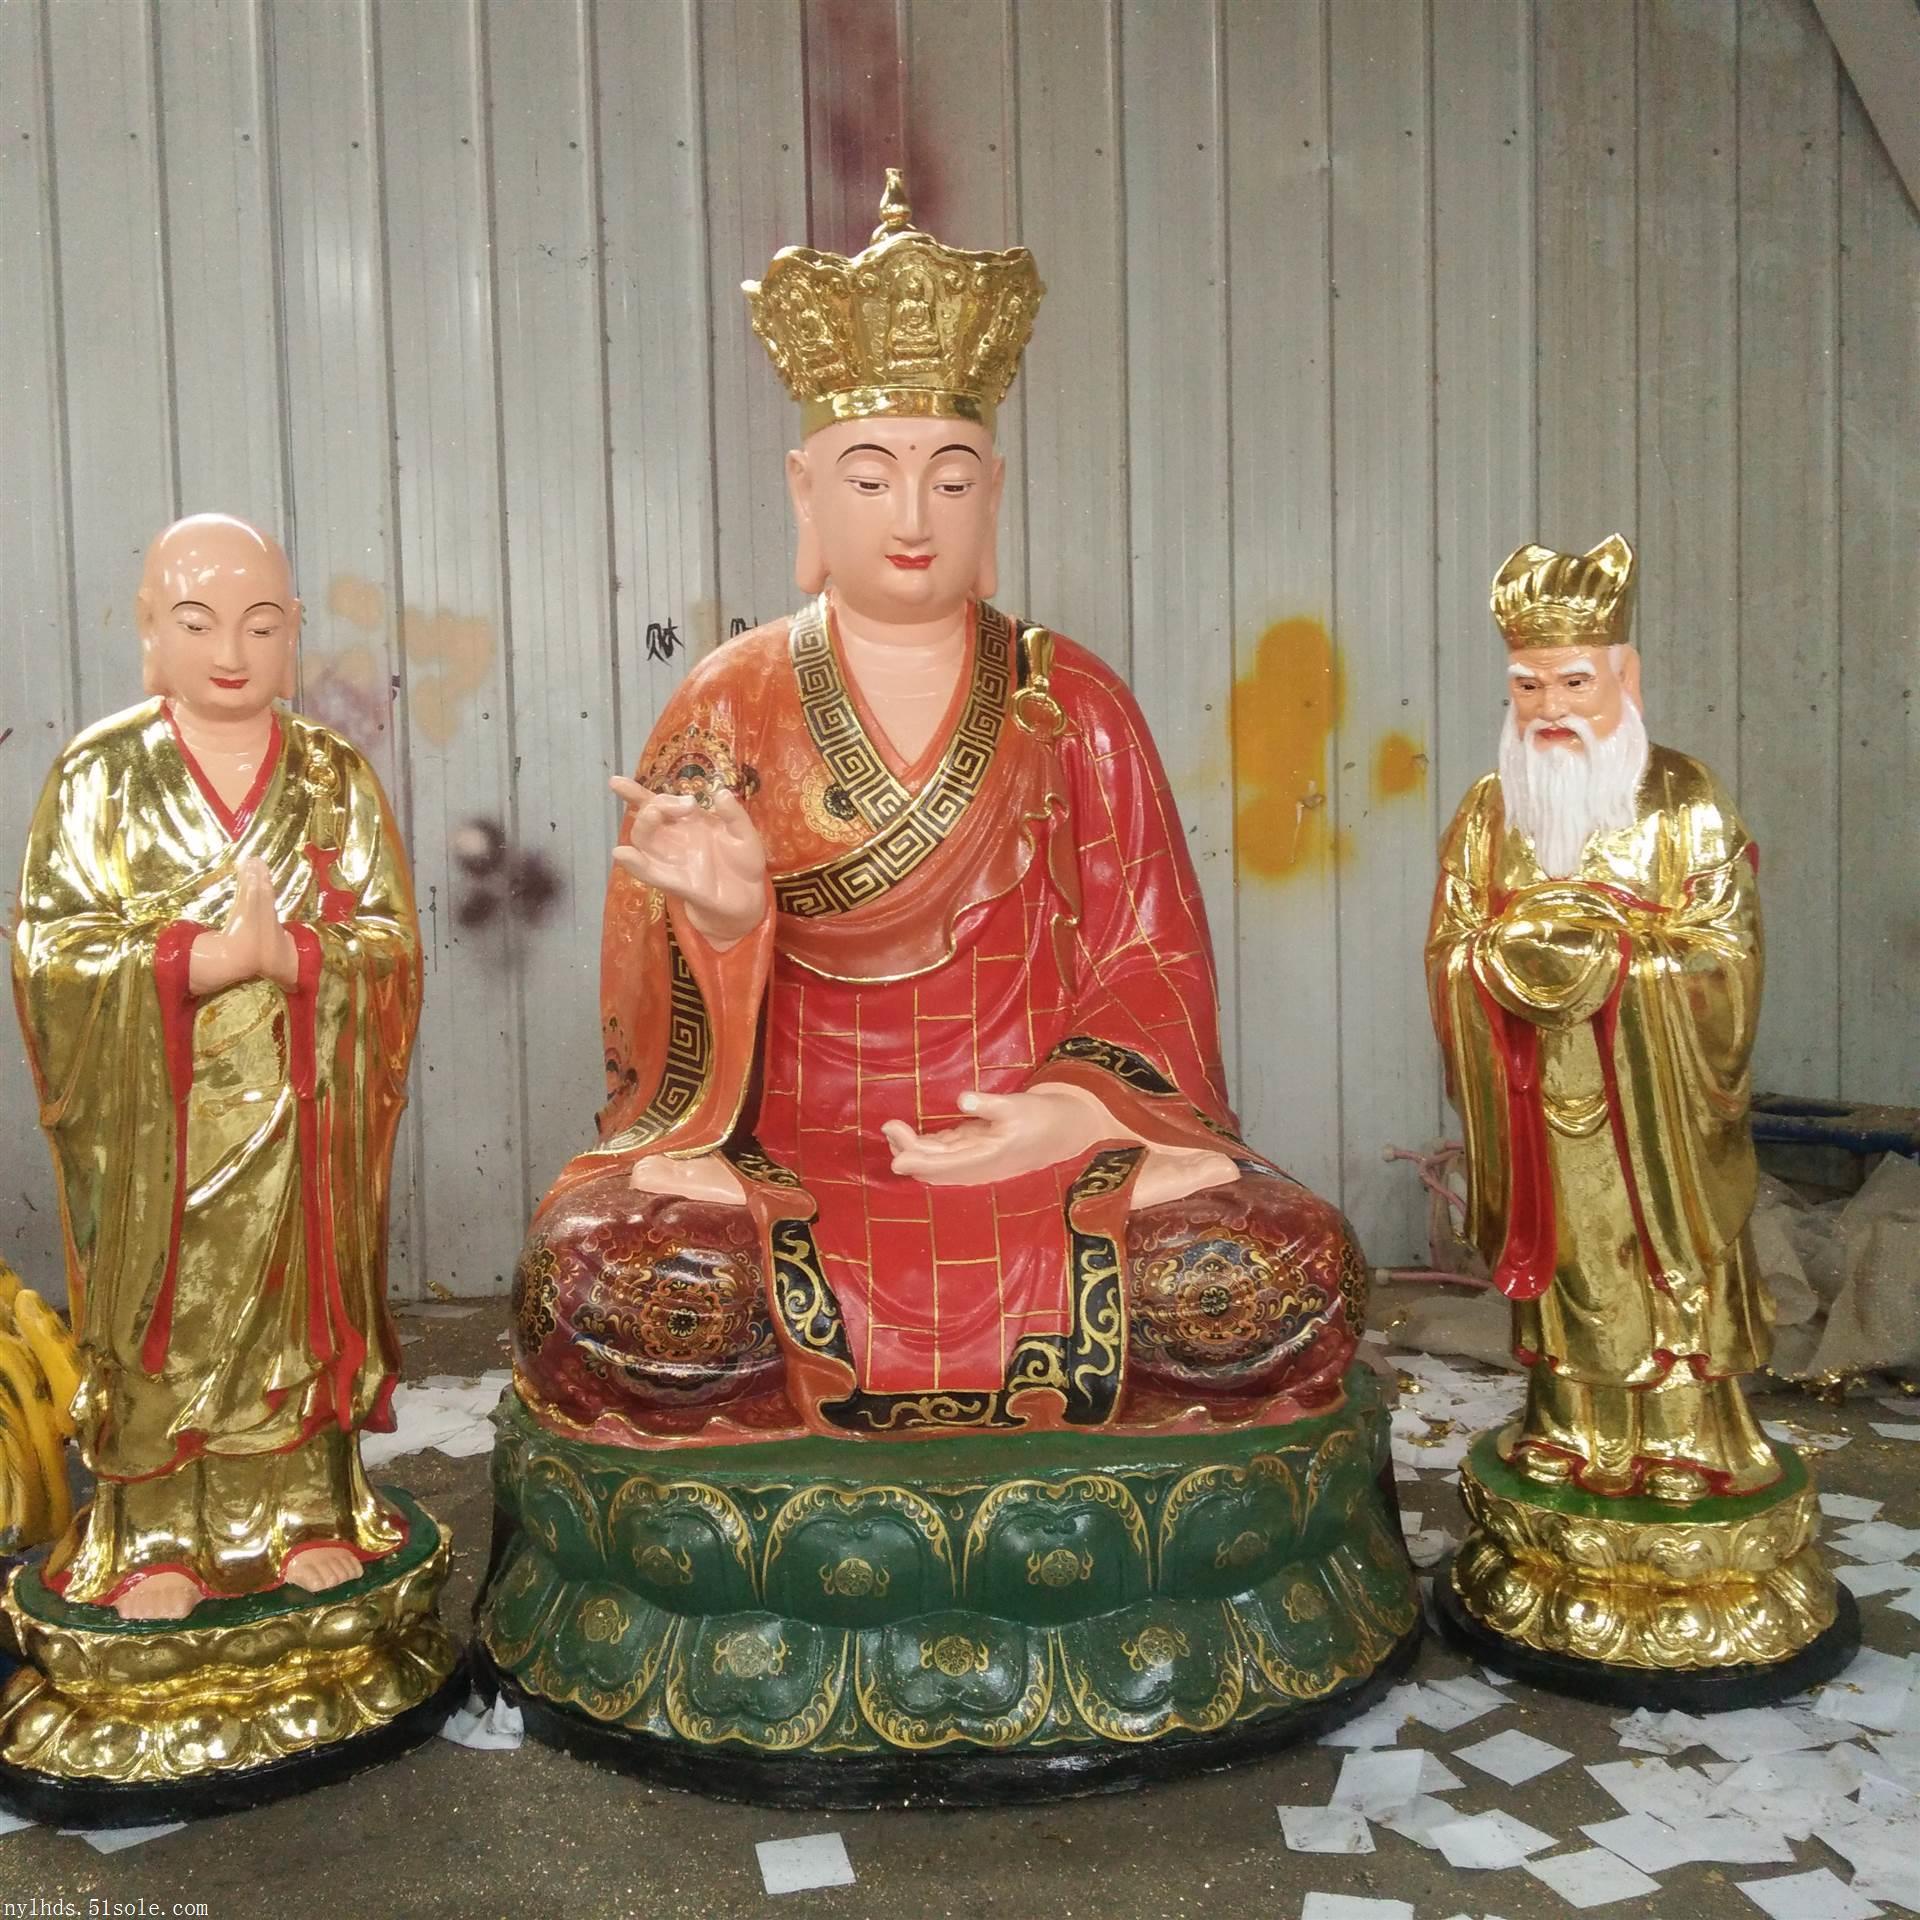 十殿阎王佛像图片,地藏王菩萨佛像厂家